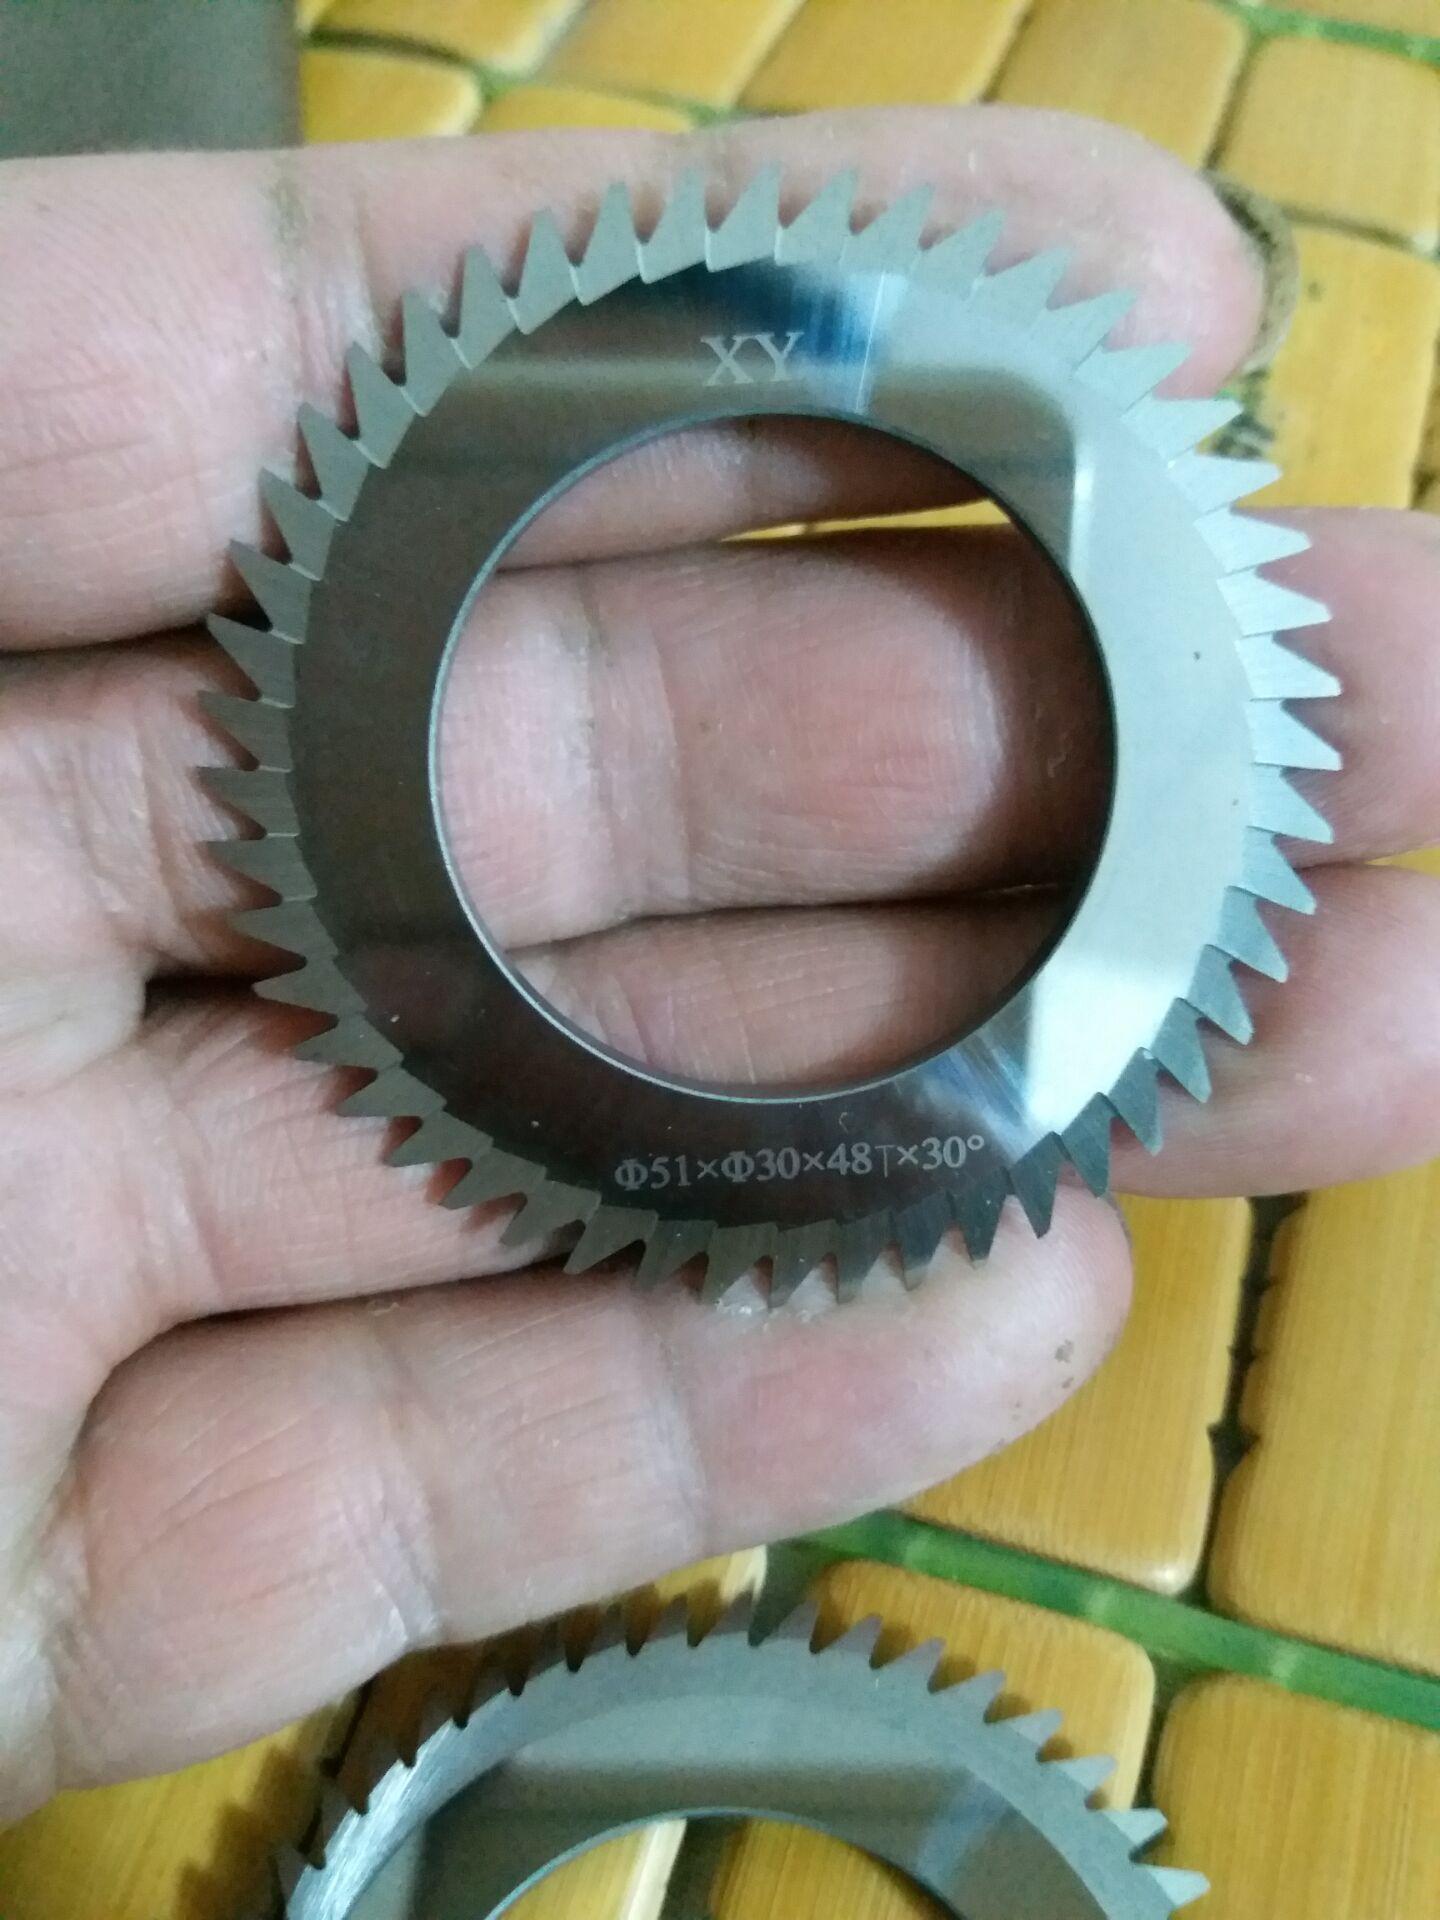 二手銑刀鑽嘴鎢鋼PCB銑刀鎢鋼PCB鑽嘴 2